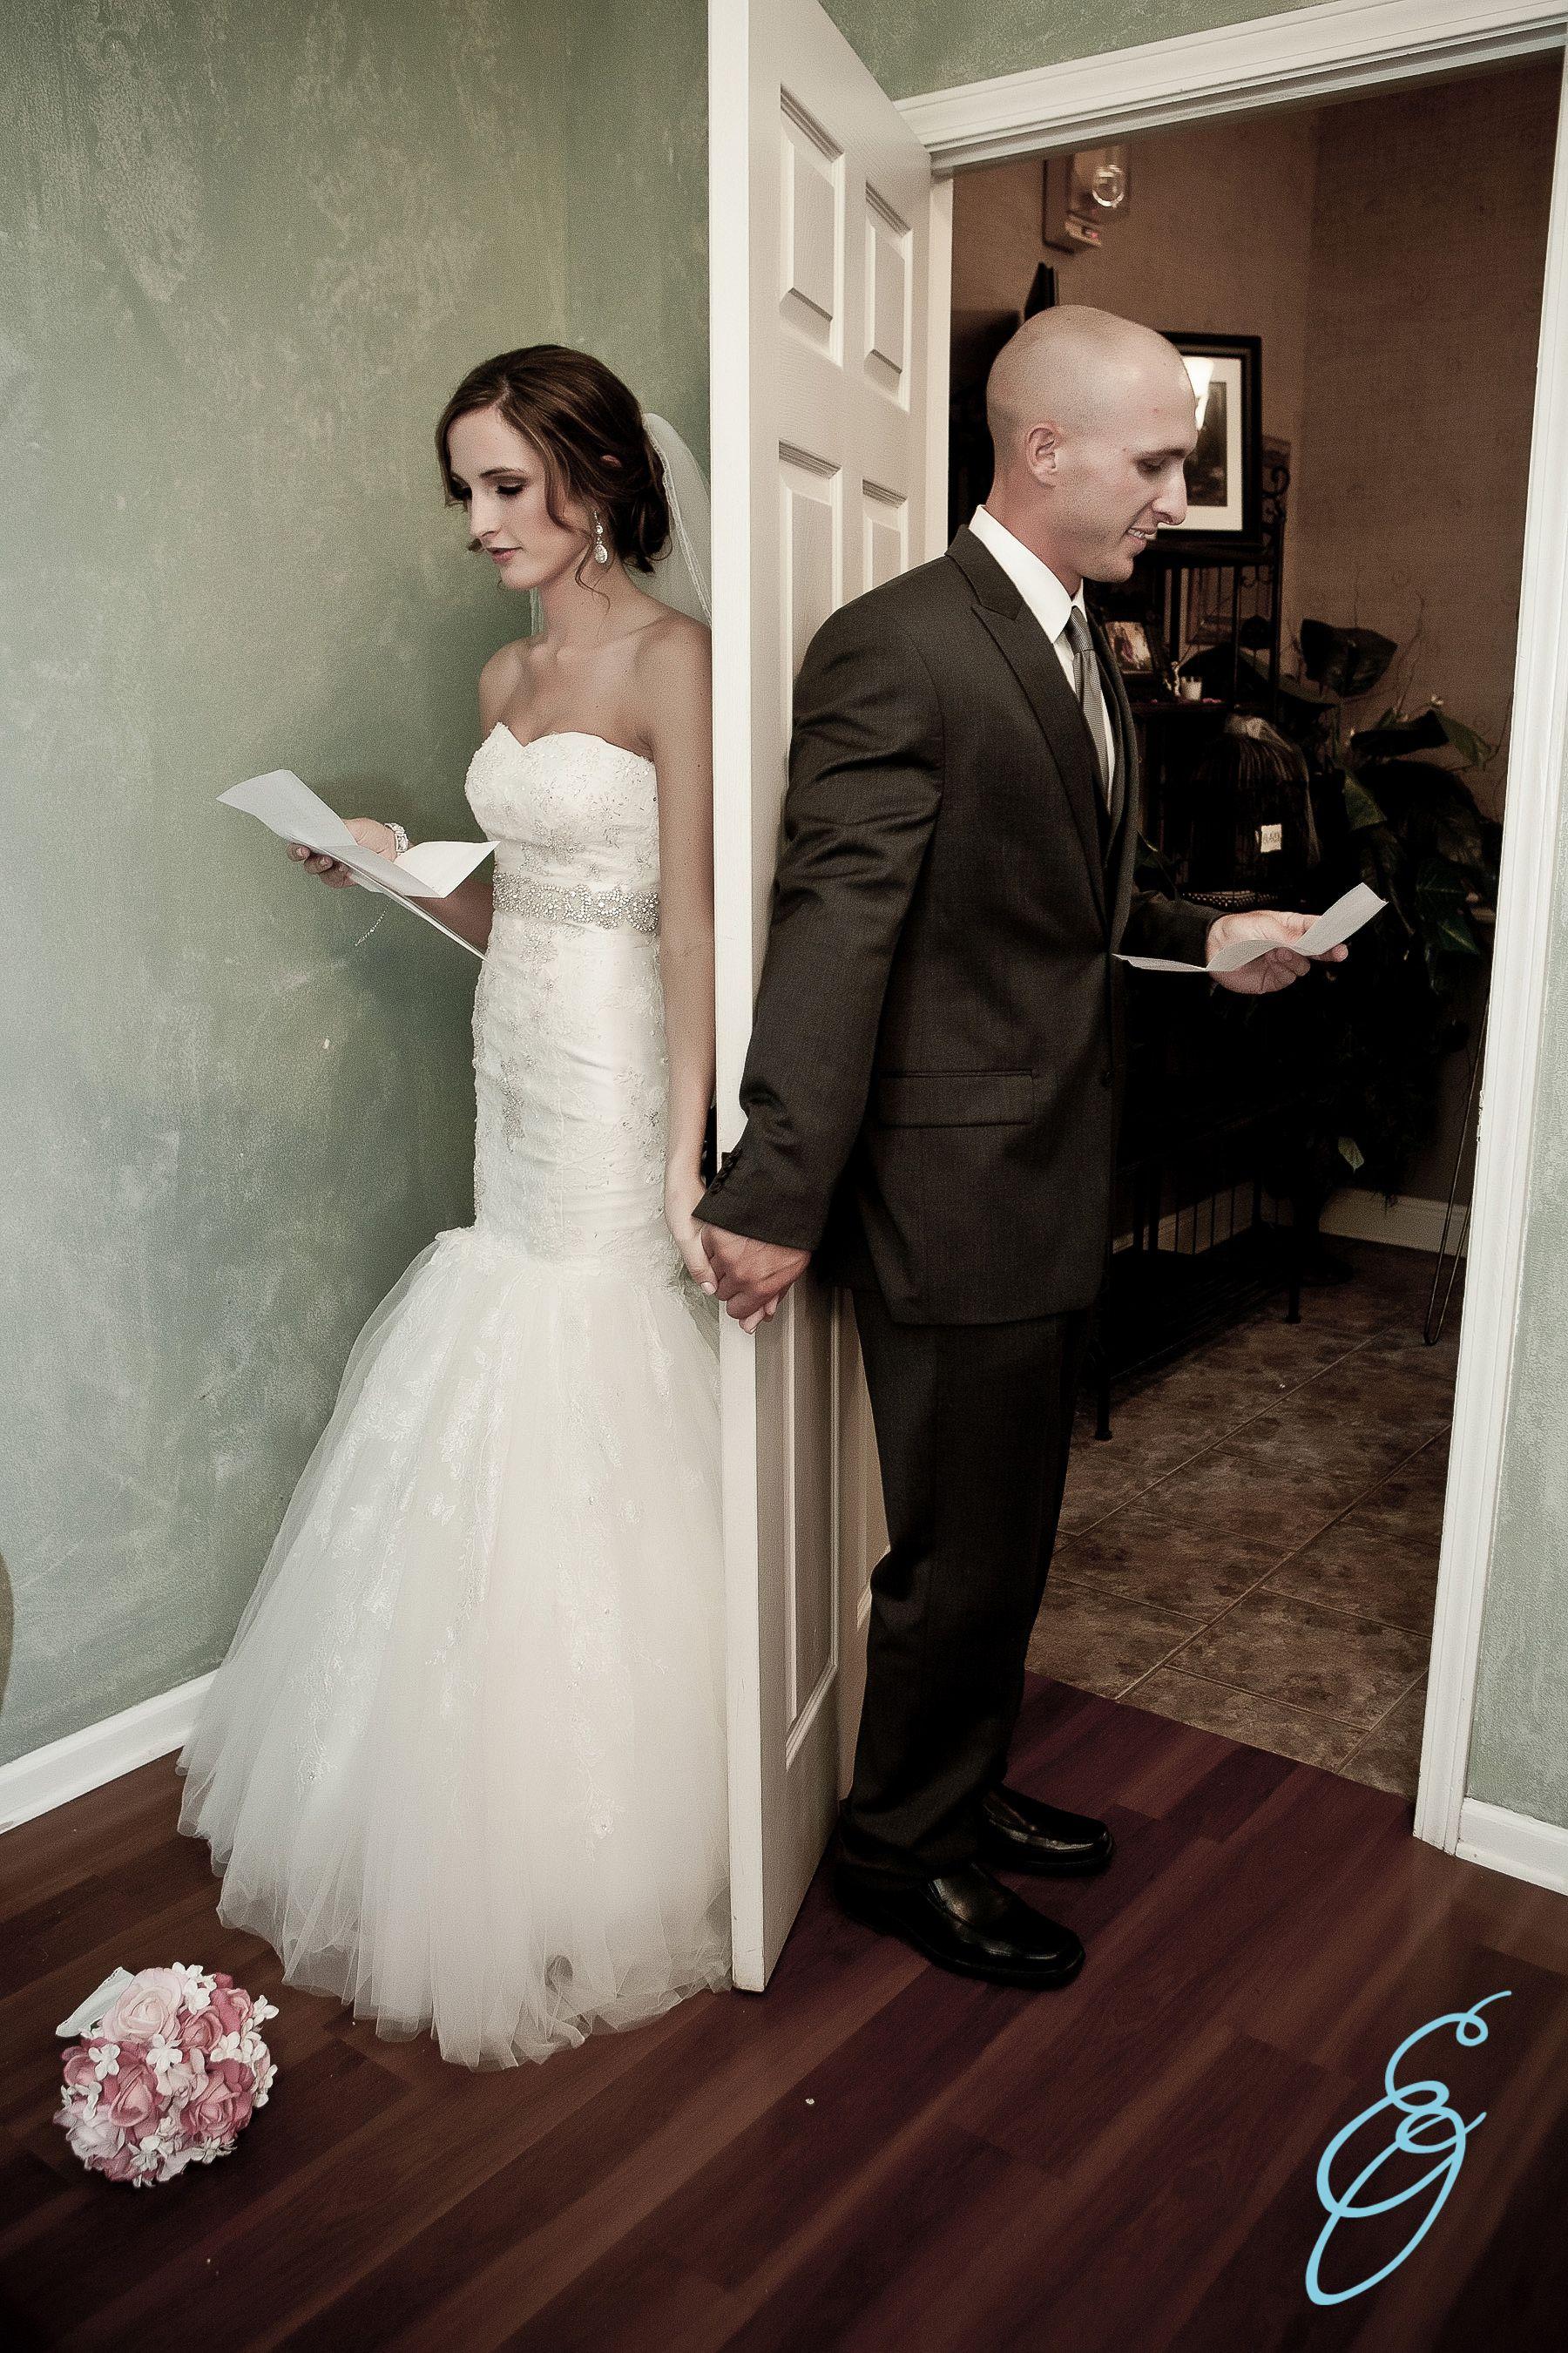 wedding photo bride groom door hold hands letter to bride groom